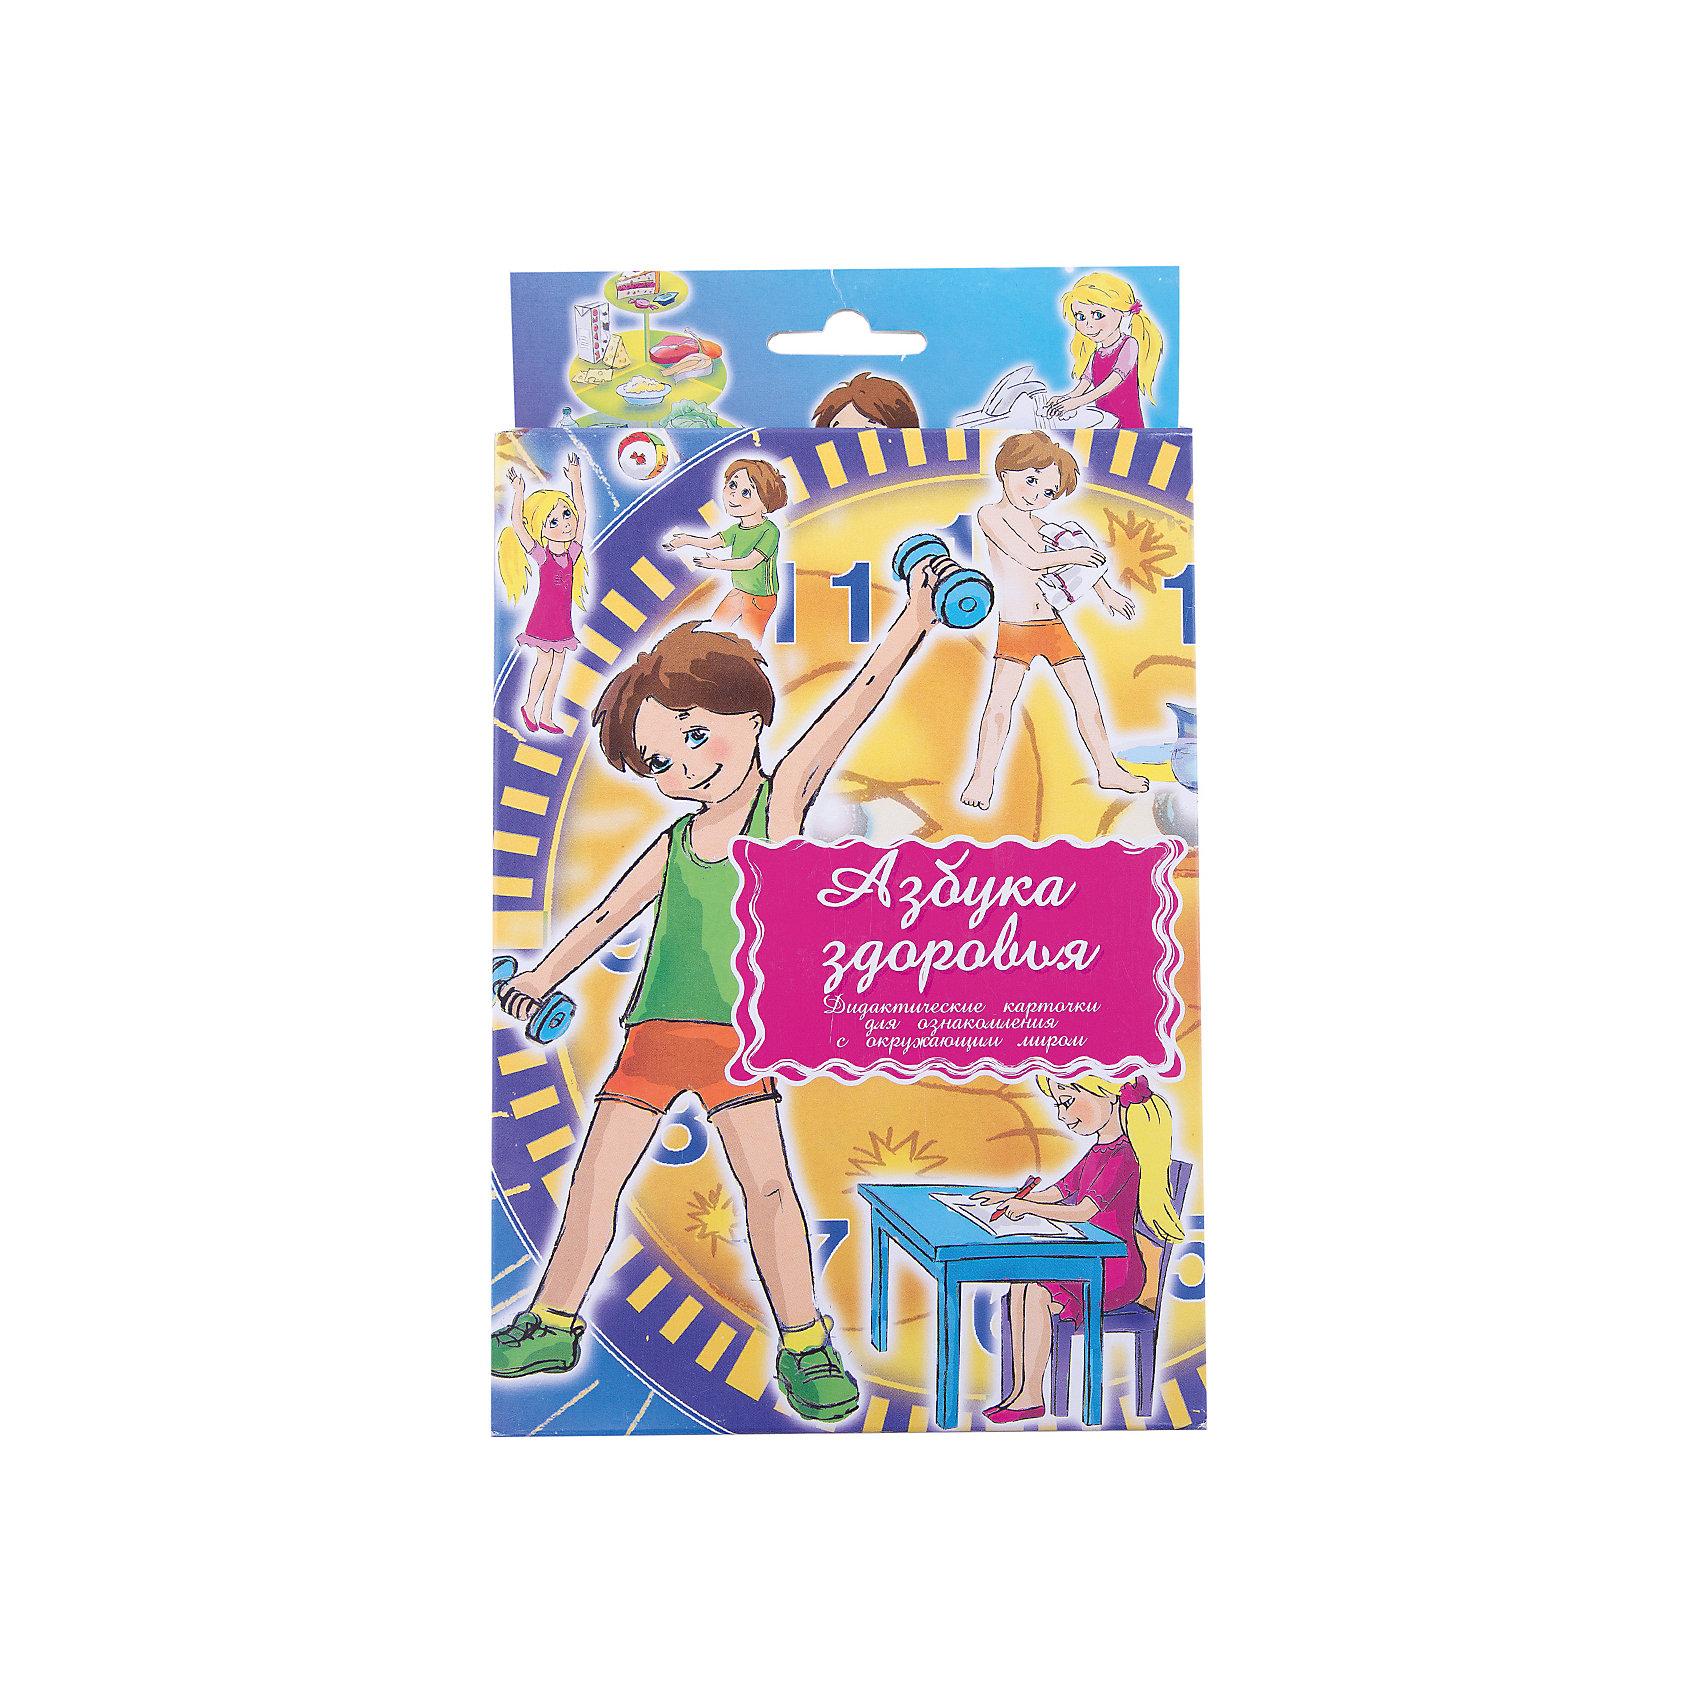 Дидактические карточки Азбука здоровья, Маленький генийДидактические карточки Азбука здоровья, Маленький гений.<br><br>Характеристики:<br><br>• Художник: Кочетова Е.<br>• Количество карточек: 16<br>• Размер карточек: 25х15 см.<br>• Материал: картон<br>• Упаковка: картонный блистер с европодвесом<br>• Размер упаковки: 25,2х15,1х1 см.<br><br>Дидактические карточки с крупными яркими картинками познакомят малыша с некоторыми самыми необходимыми правилами, которые нужно соблюдать, чтобы быть здоровым. В набор входит 16 карточек. Например: «Следи за осанкой. Держи спину ровно» или «Умывайся утром и вечером». На обороте карточек дано подробное объяснение правил. <br><br>Сначала внимательно рассмотрите с ребенком картинки. Познакомьте его с правилами. Попросите его самого объяснить, зачем нужно выполнять это правило, а затем прочитайте текст на обороте карточки или дайте собственные пояснения. Когда ребенок запомнит правила, можно поиграть с карточками. Например, вы озвучиваете правило, а ребенок должен найти соответствующую ему карточку. Или вы показываете карточку, а ребенок должен озвучить правило и объяснить его. <br><br>Используйте полученные знания на практике, в повседневной жизни. Если какое-то правило в Вашей семье не соблюдается, обсудите с ребенком причины и постарайтесь ввести его в обиход. Обсуждая вредные привычки, будьте очень деликатны, ребенок должен быть уверен, что вы его не осудите и всегда поддержите. Обсуждая карточки с ребенком, постарайтесь сформировать у него желание вести здоровый образ жизни. Карточки рекомендуются родителям для познавательных игр с детьми и занятий по методике Глена Домана.<br><br>Дидактические карточки Азбука здоровья, Маленький гений можно купить в нашем интернет-магазине.<br><br>Ширина мм: 150<br>Глубина мм: 90<br>Высота мм: 90<br>Вес г: 200<br>Возраст от месяцев: 36<br>Возраст до месяцев: 84<br>Пол: Унисекс<br>Возраст: Детский<br>SKU: 5454192